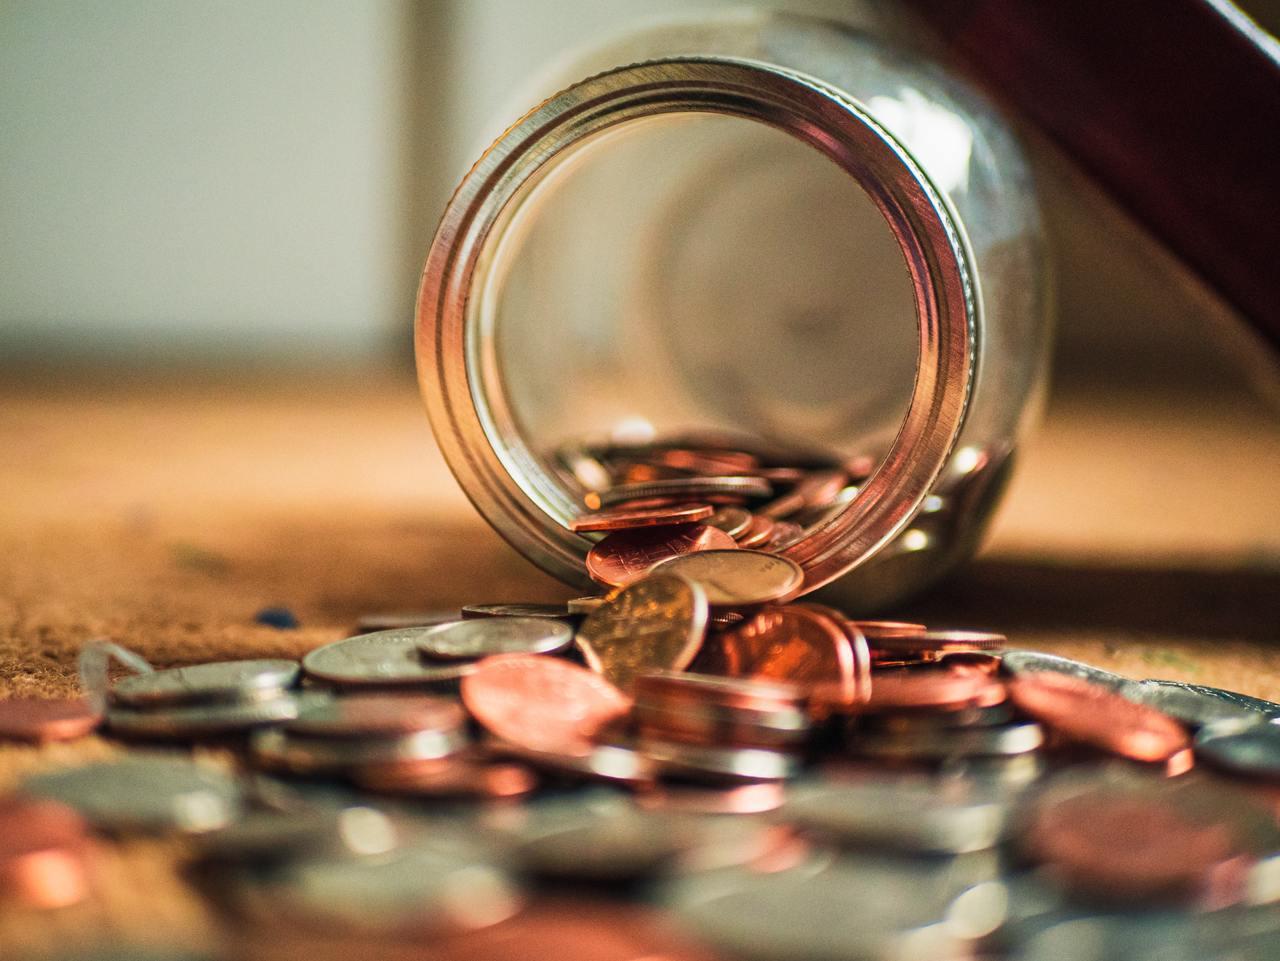 只要在退休第1年,從退休本金中提領不超過4.2%的金額當生活費,之後每年依通膨率...